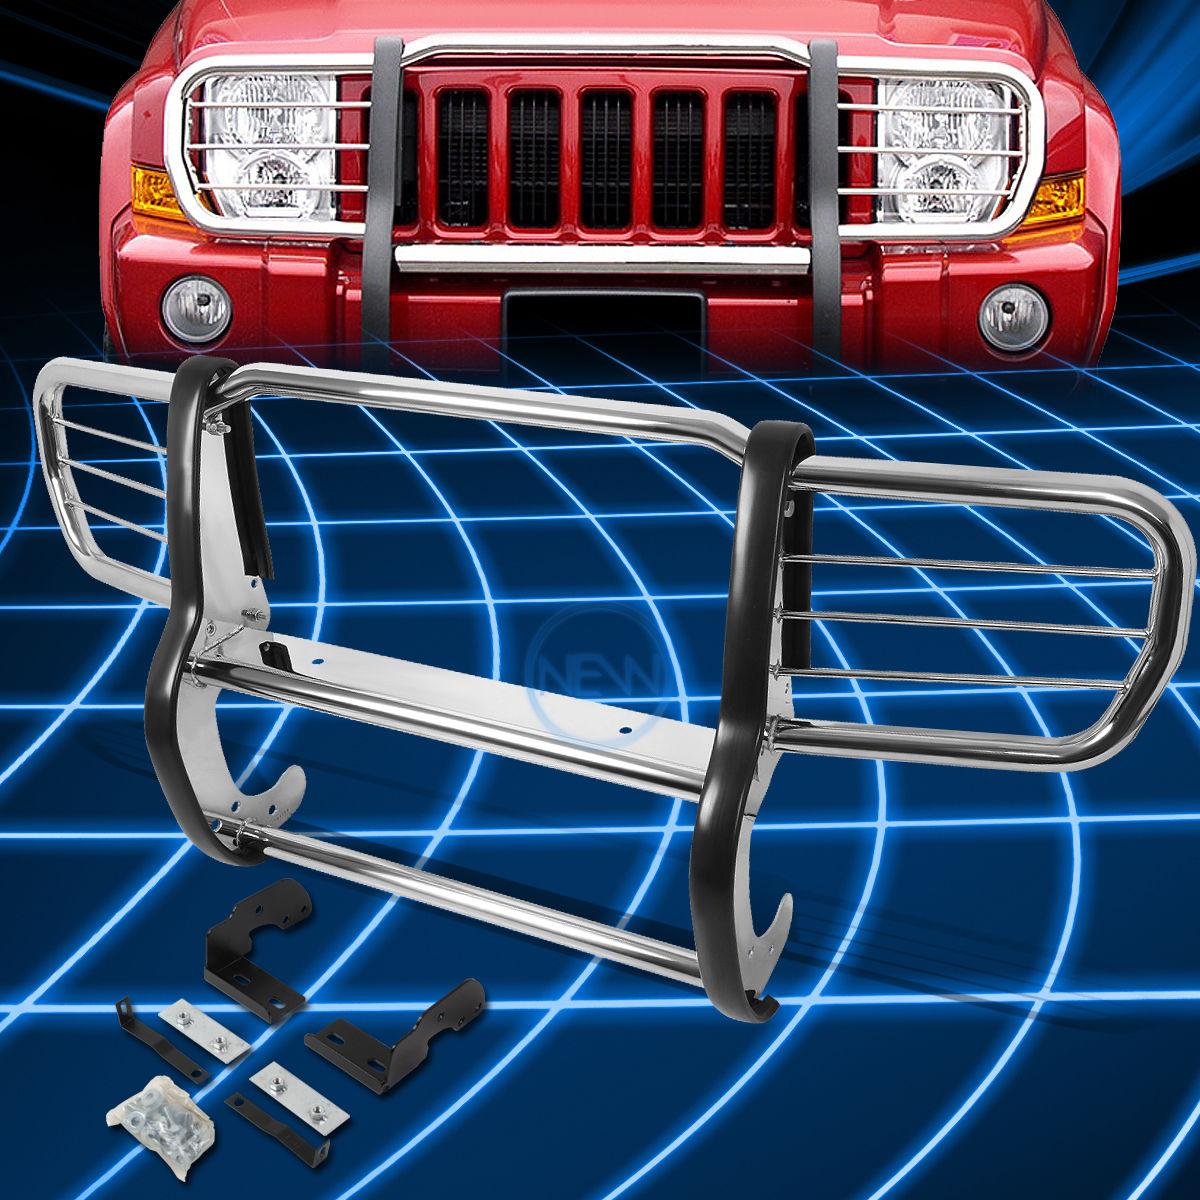 グリル クロームブラシバンパープロテクターグリルガード2006-2010ジープコマンダーXK SUV用 Chrome Brush Bumper Protector Grille Guard for 2006-2010 Jeep Commander XK SUV